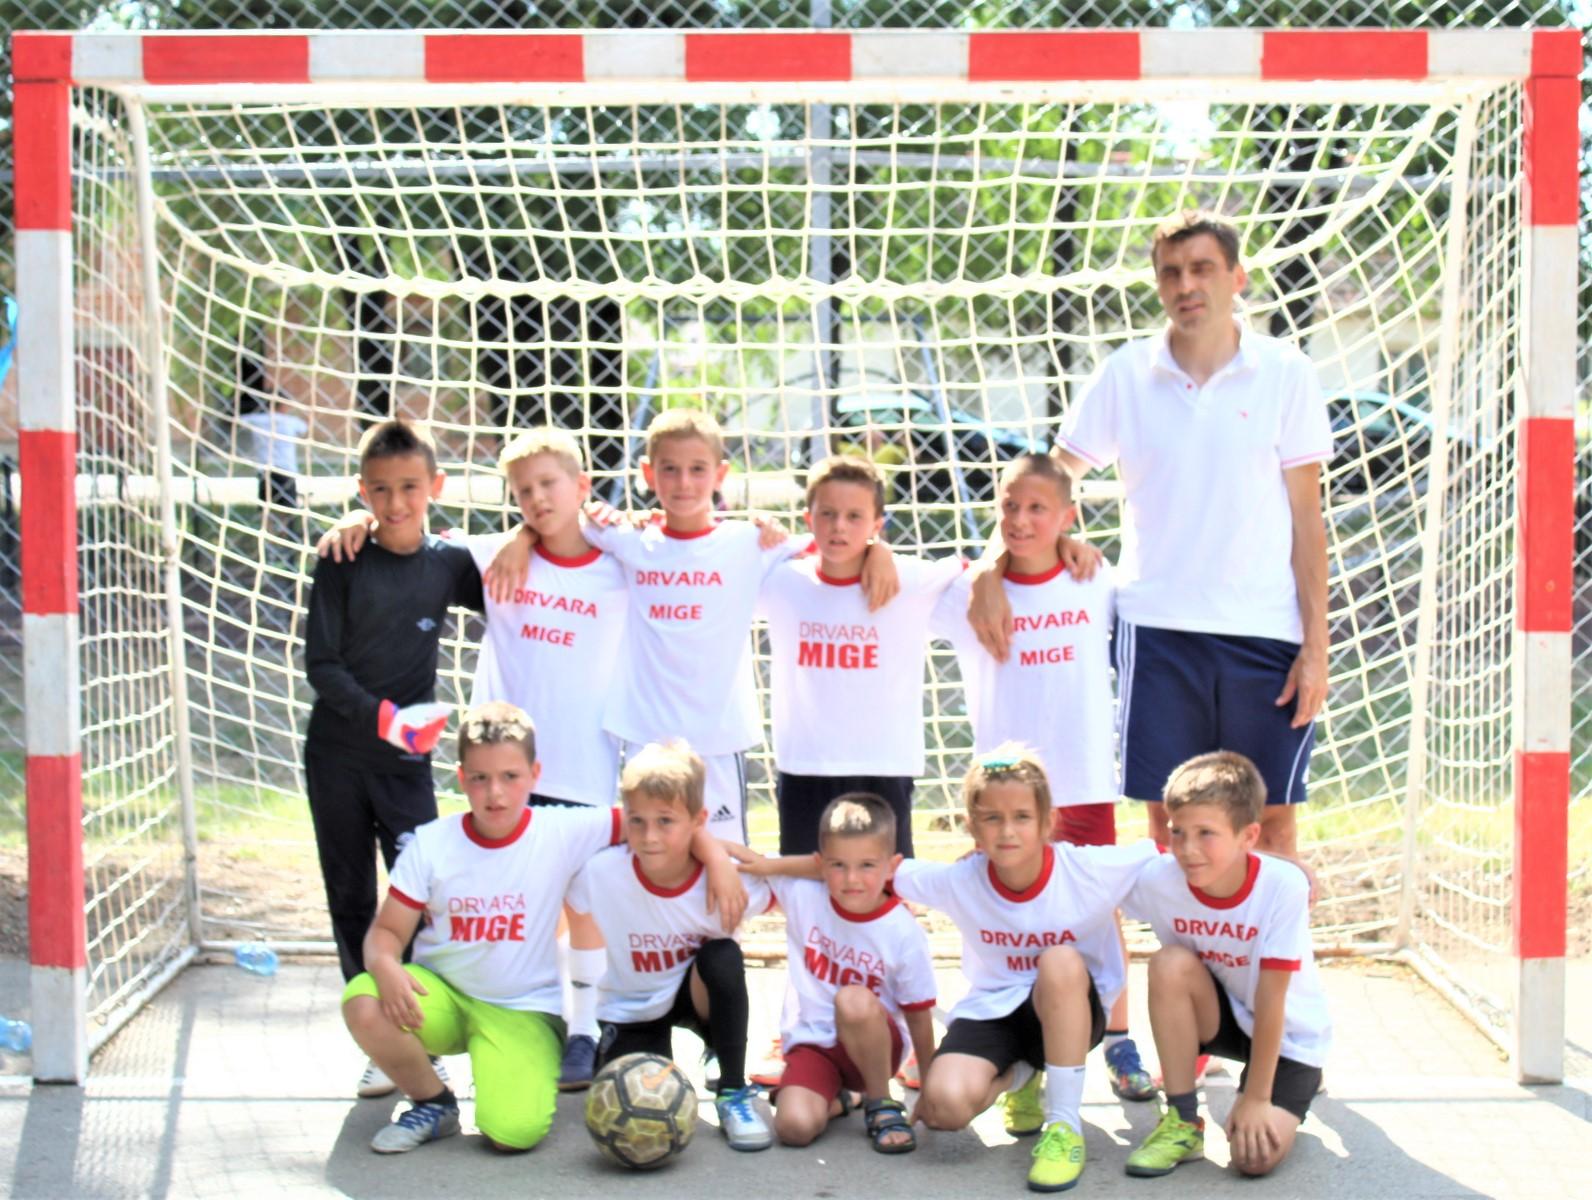 Pobednici u konkurenciji mlađeg uzrasta s trenerom Otom Bartom